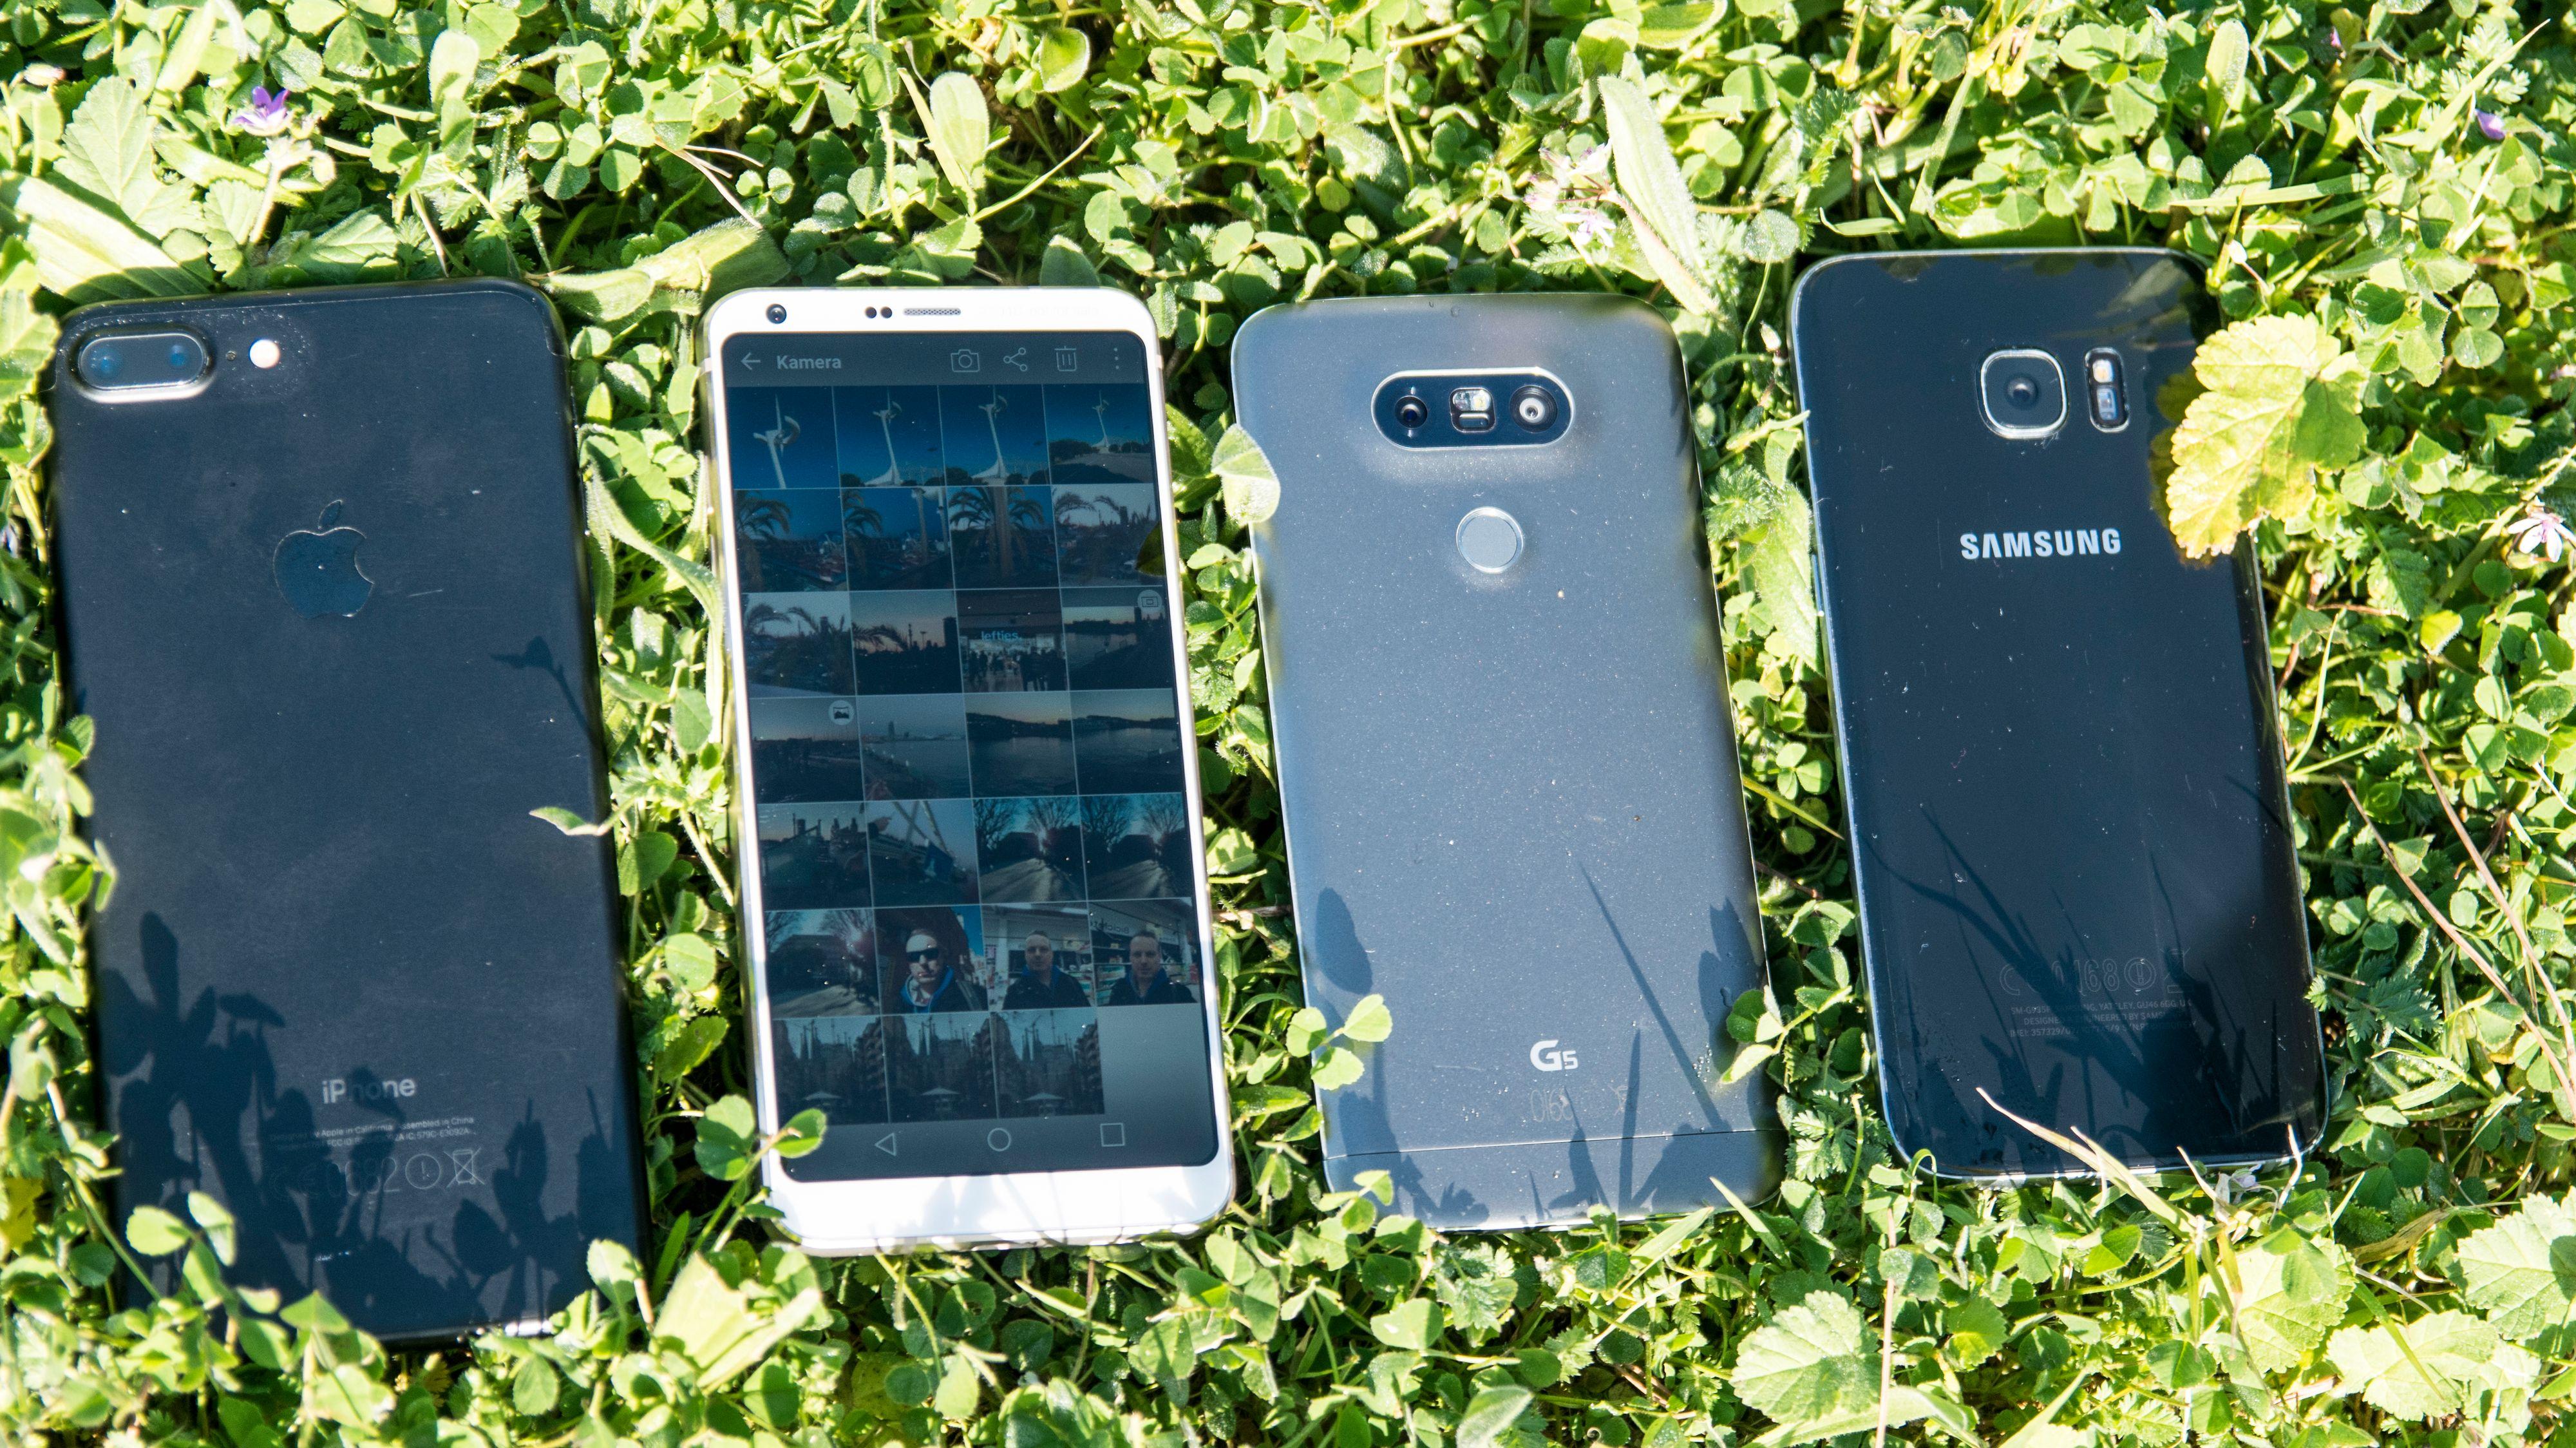 iPhone 7 Plus, LG G6, LG G5 og Samsung Galaxy S7 Edge. Felles for dem alle er at de er enten omtrent like store, eller større, samtidig som de har mindre skjerm enn G6.